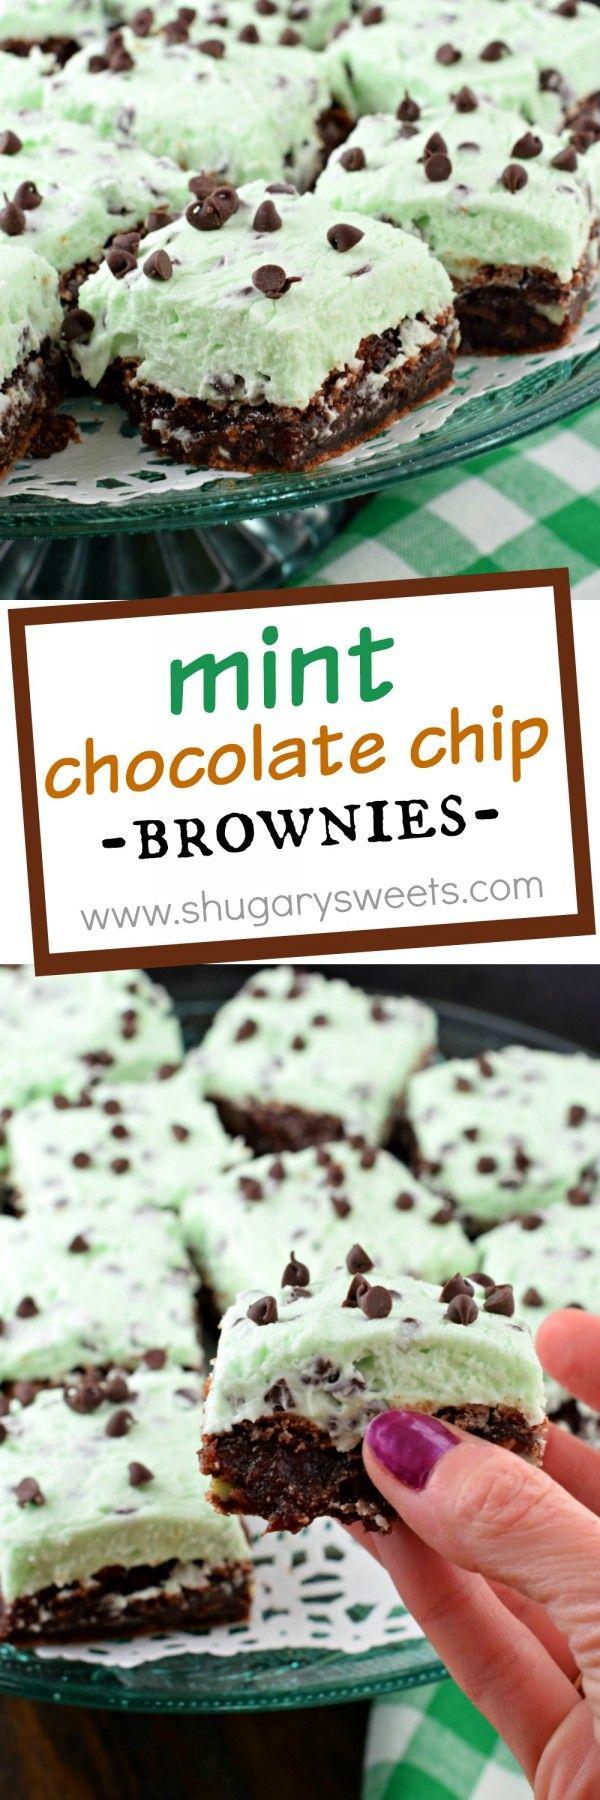 ... op Pinterest - Brownies, Chocolade Munt Brownies en Brownie Recepten